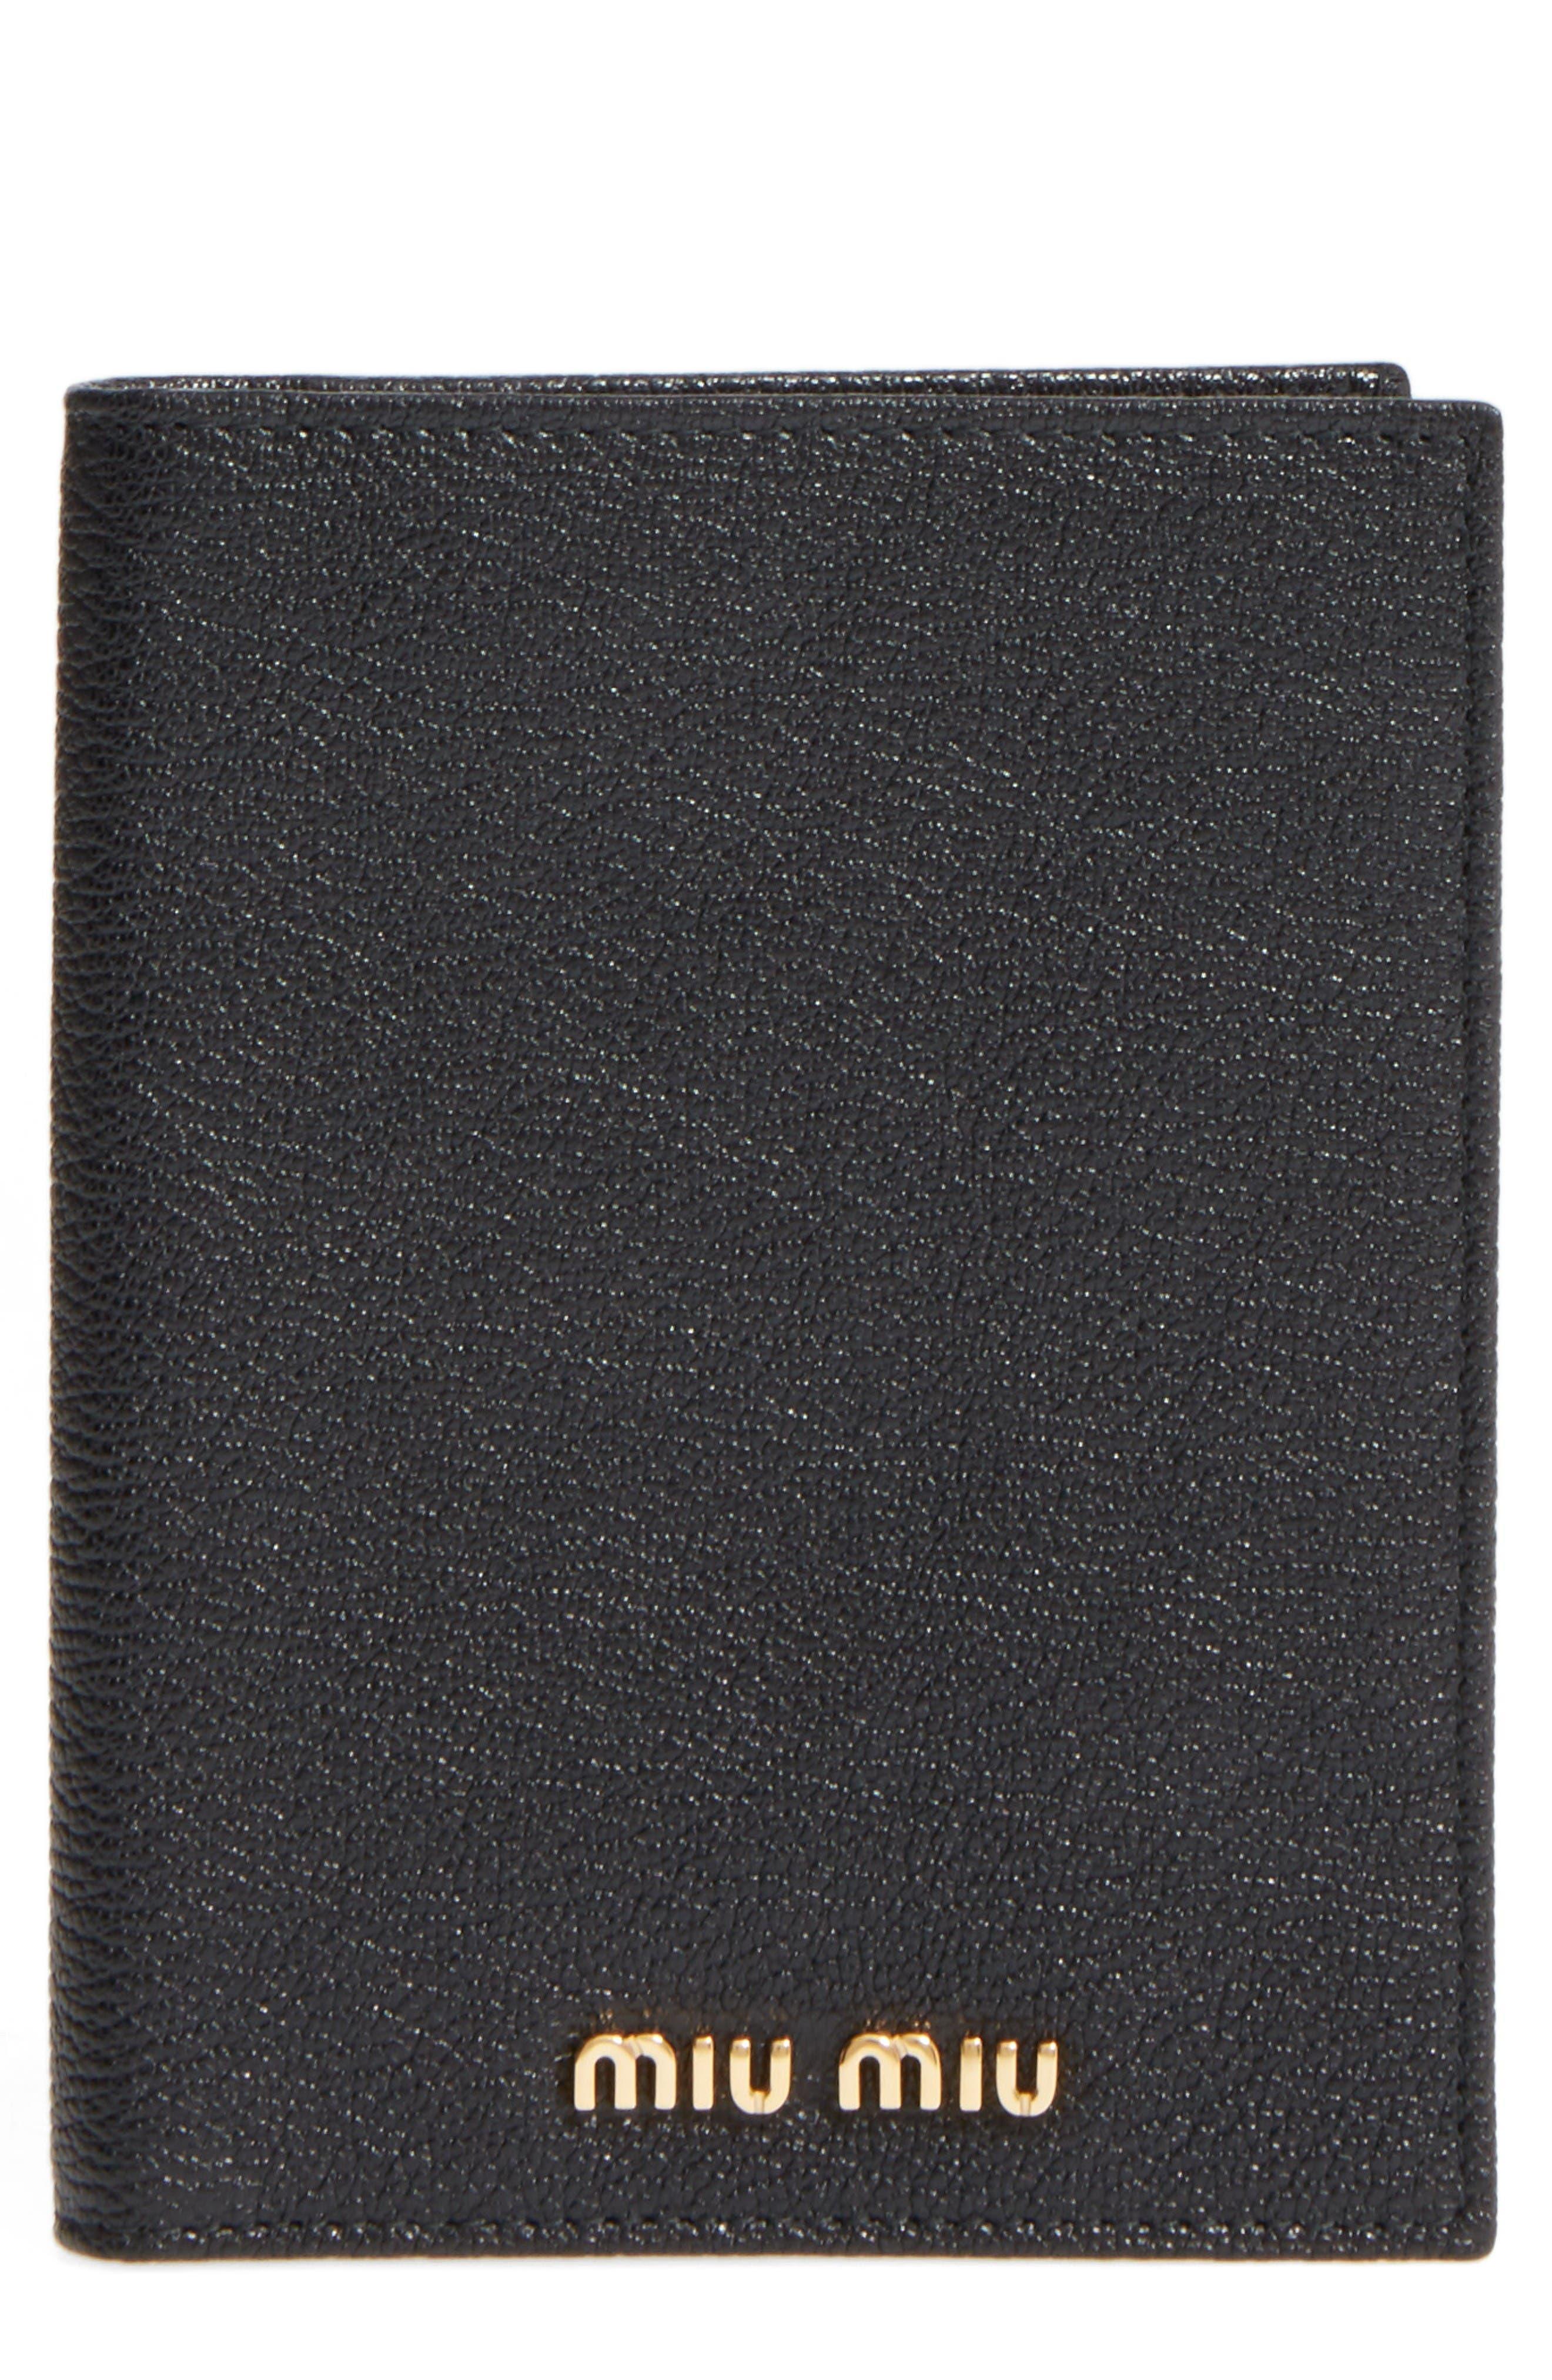 Miu Miu Leather Passport Case